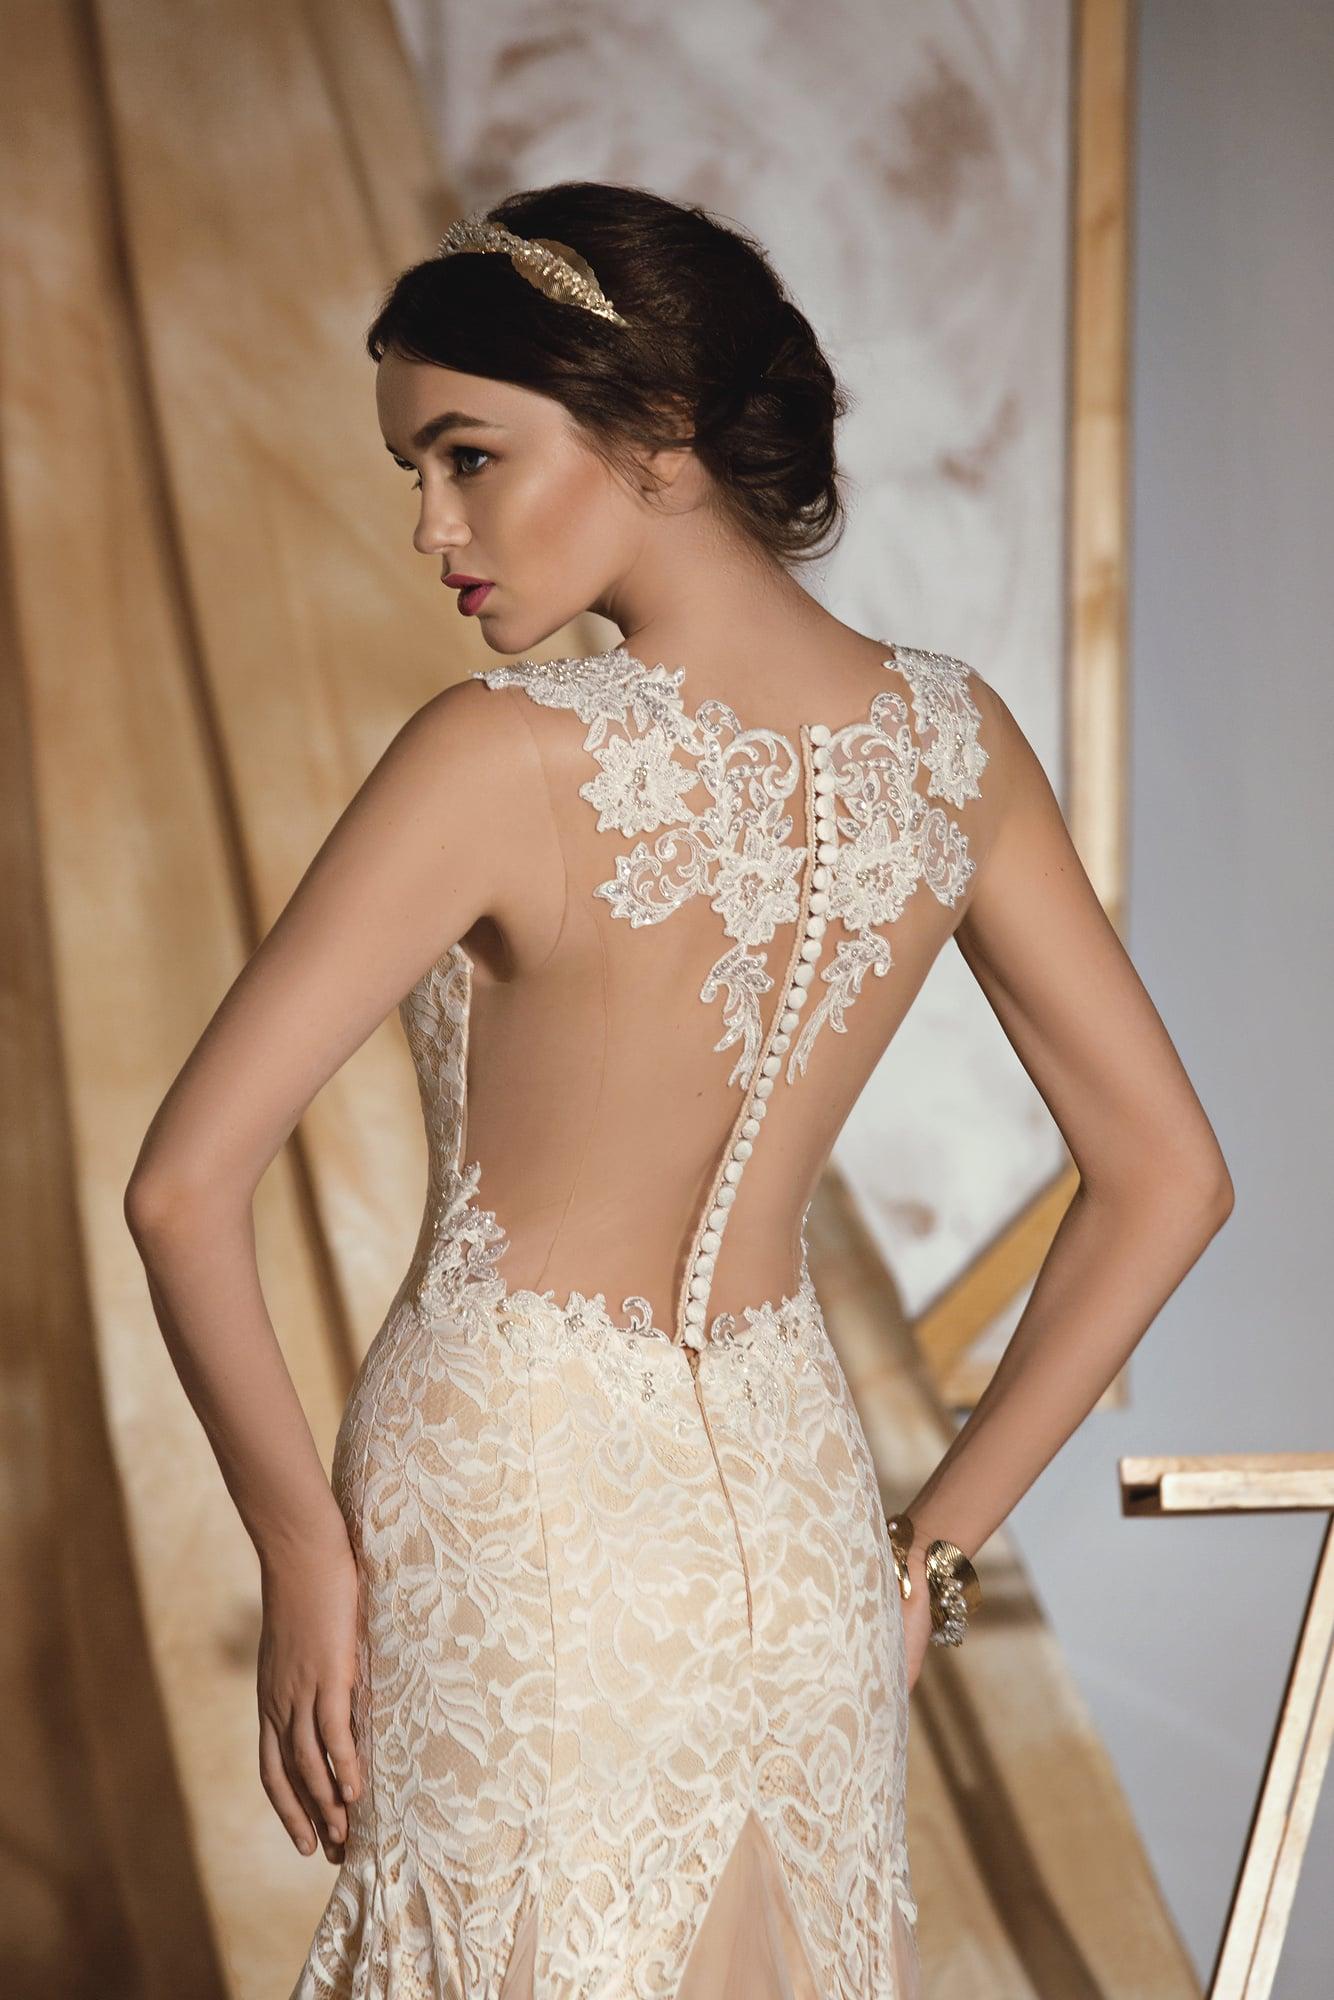 Бежевое свадебное платье «рыбка» с потрясающей полупрозрачной спинкой с кружевным декором.